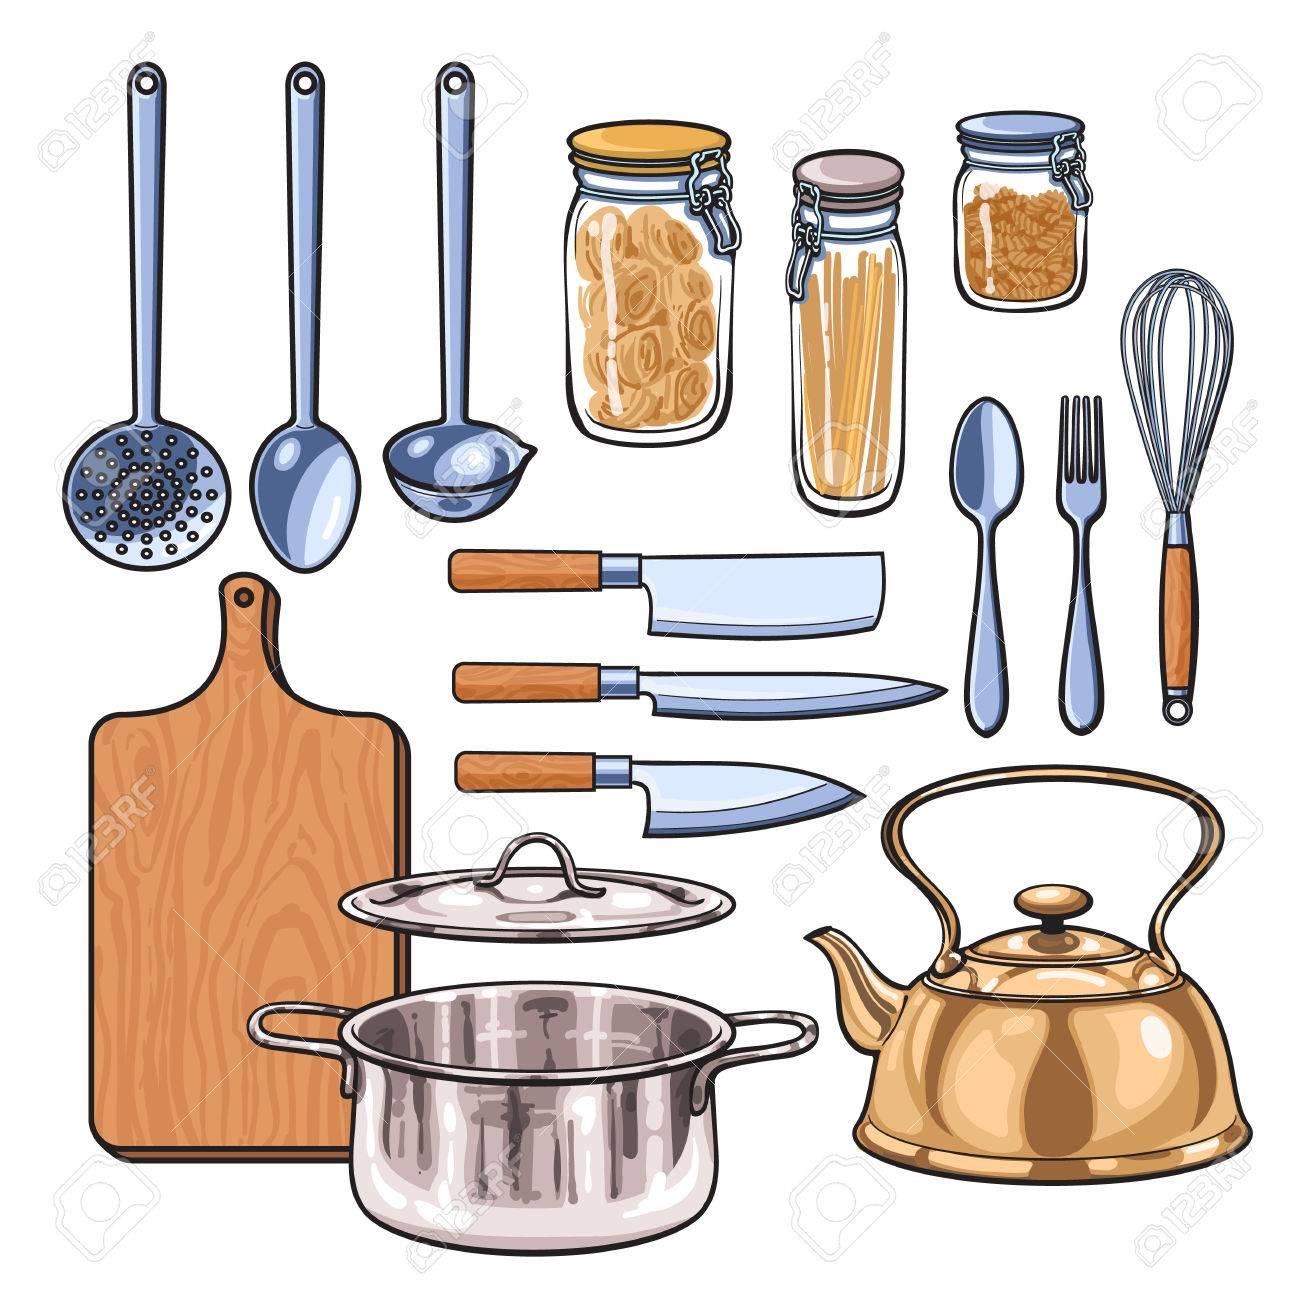 Dibujos Utensilios De Cocina | Utensilios De Cocina Dibujo Vectorial Dibujado A Mano Articulos